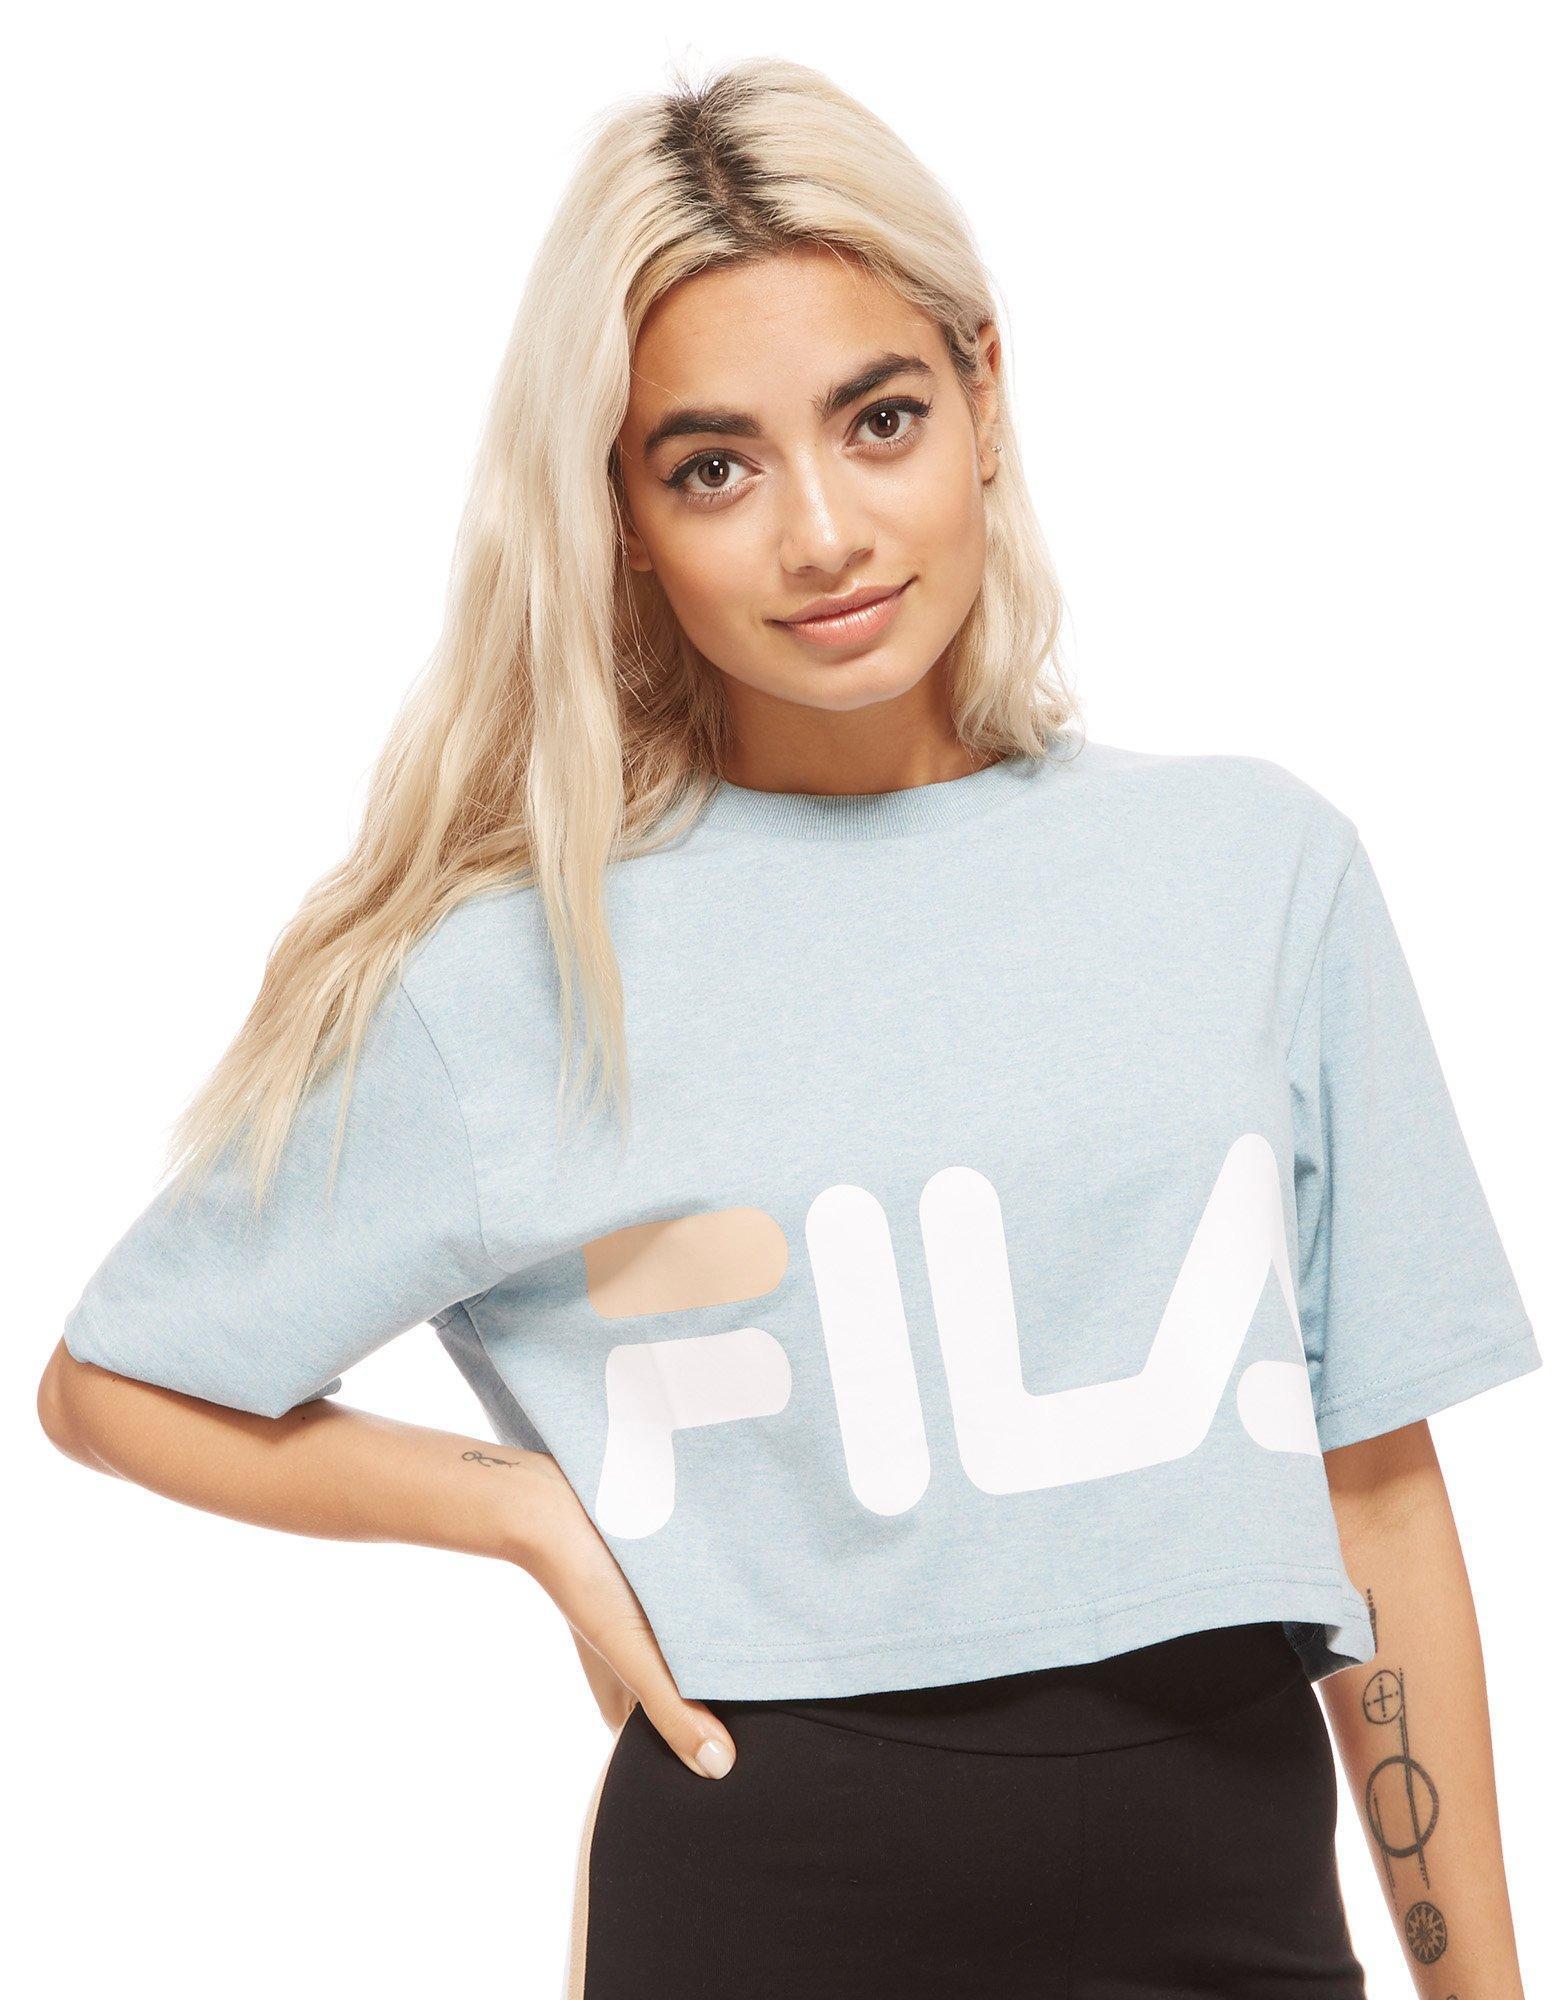 f150d3c517 Fila Chanda Crop Top in Blue - Lyst